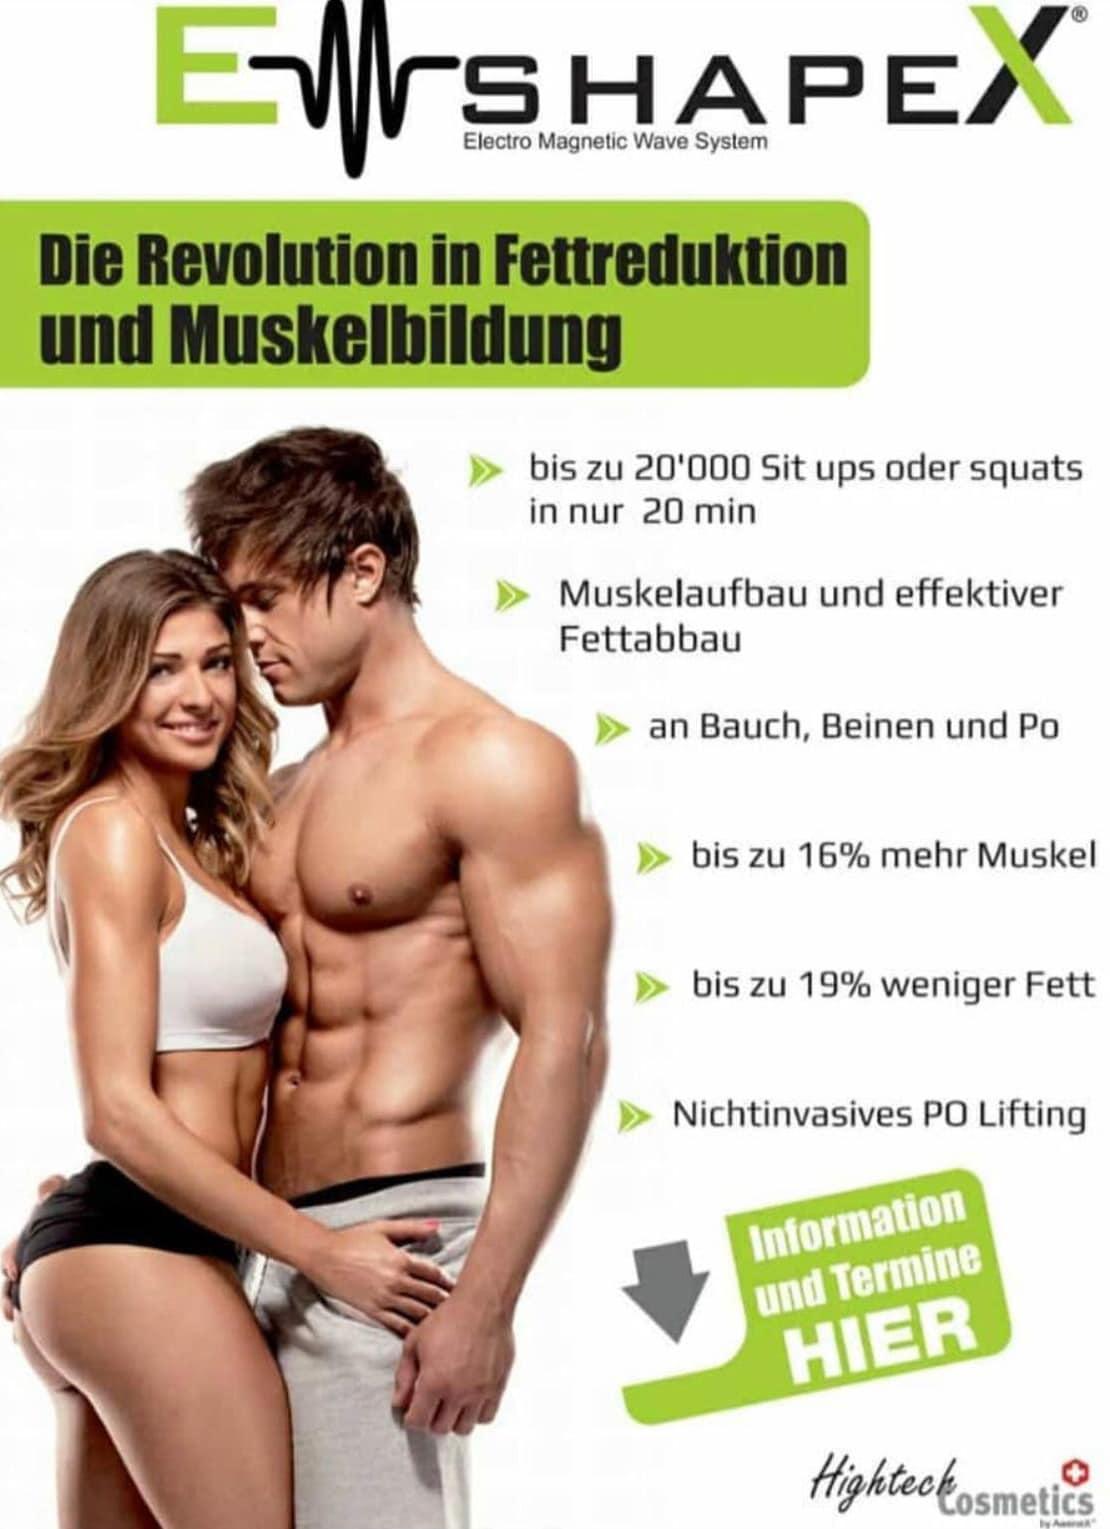 ShapeX Werbung Fettreduktion